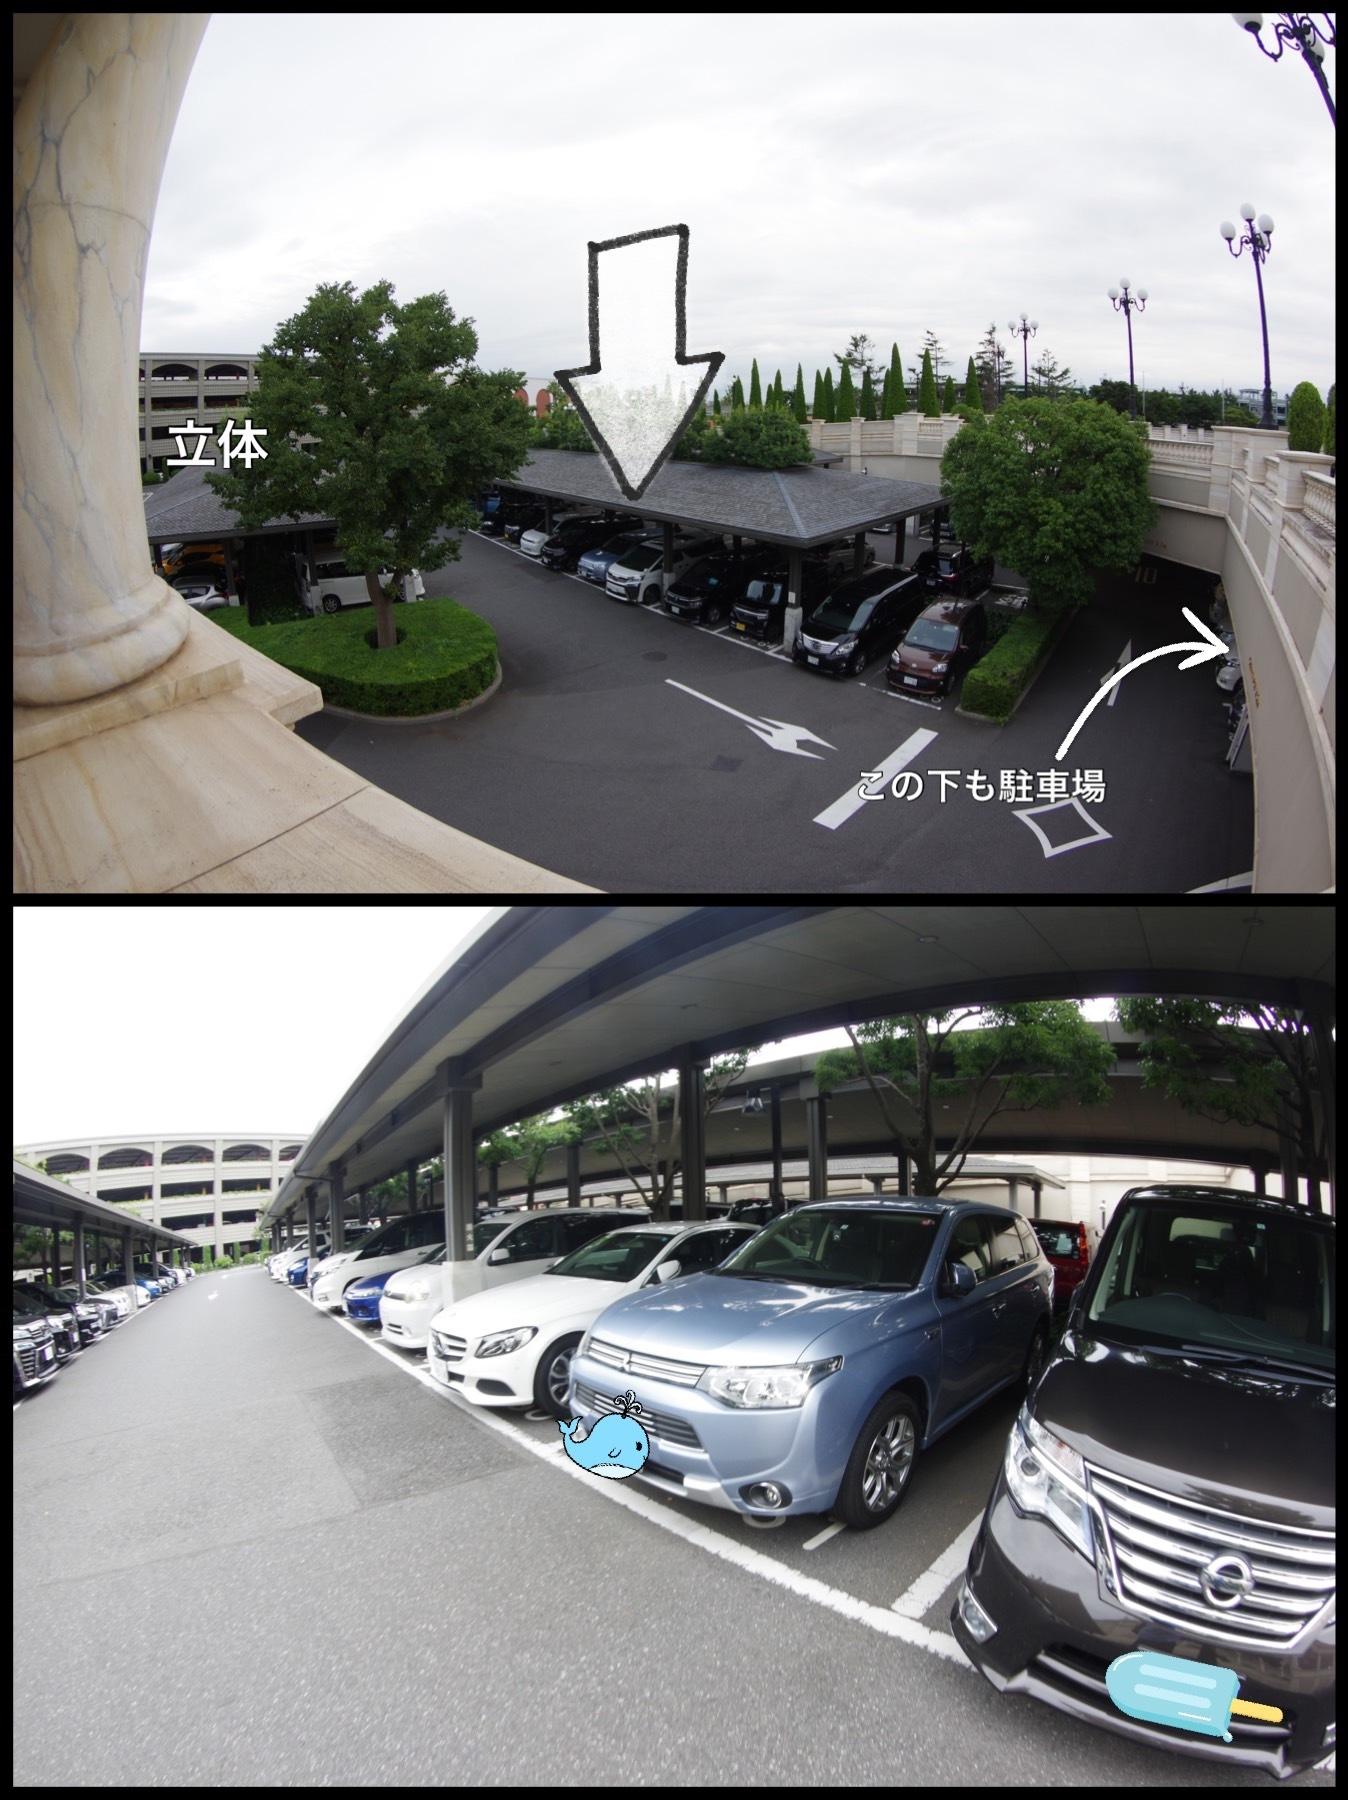 ディズニーランド ホテルミラコスタ宿泊記 駐車場